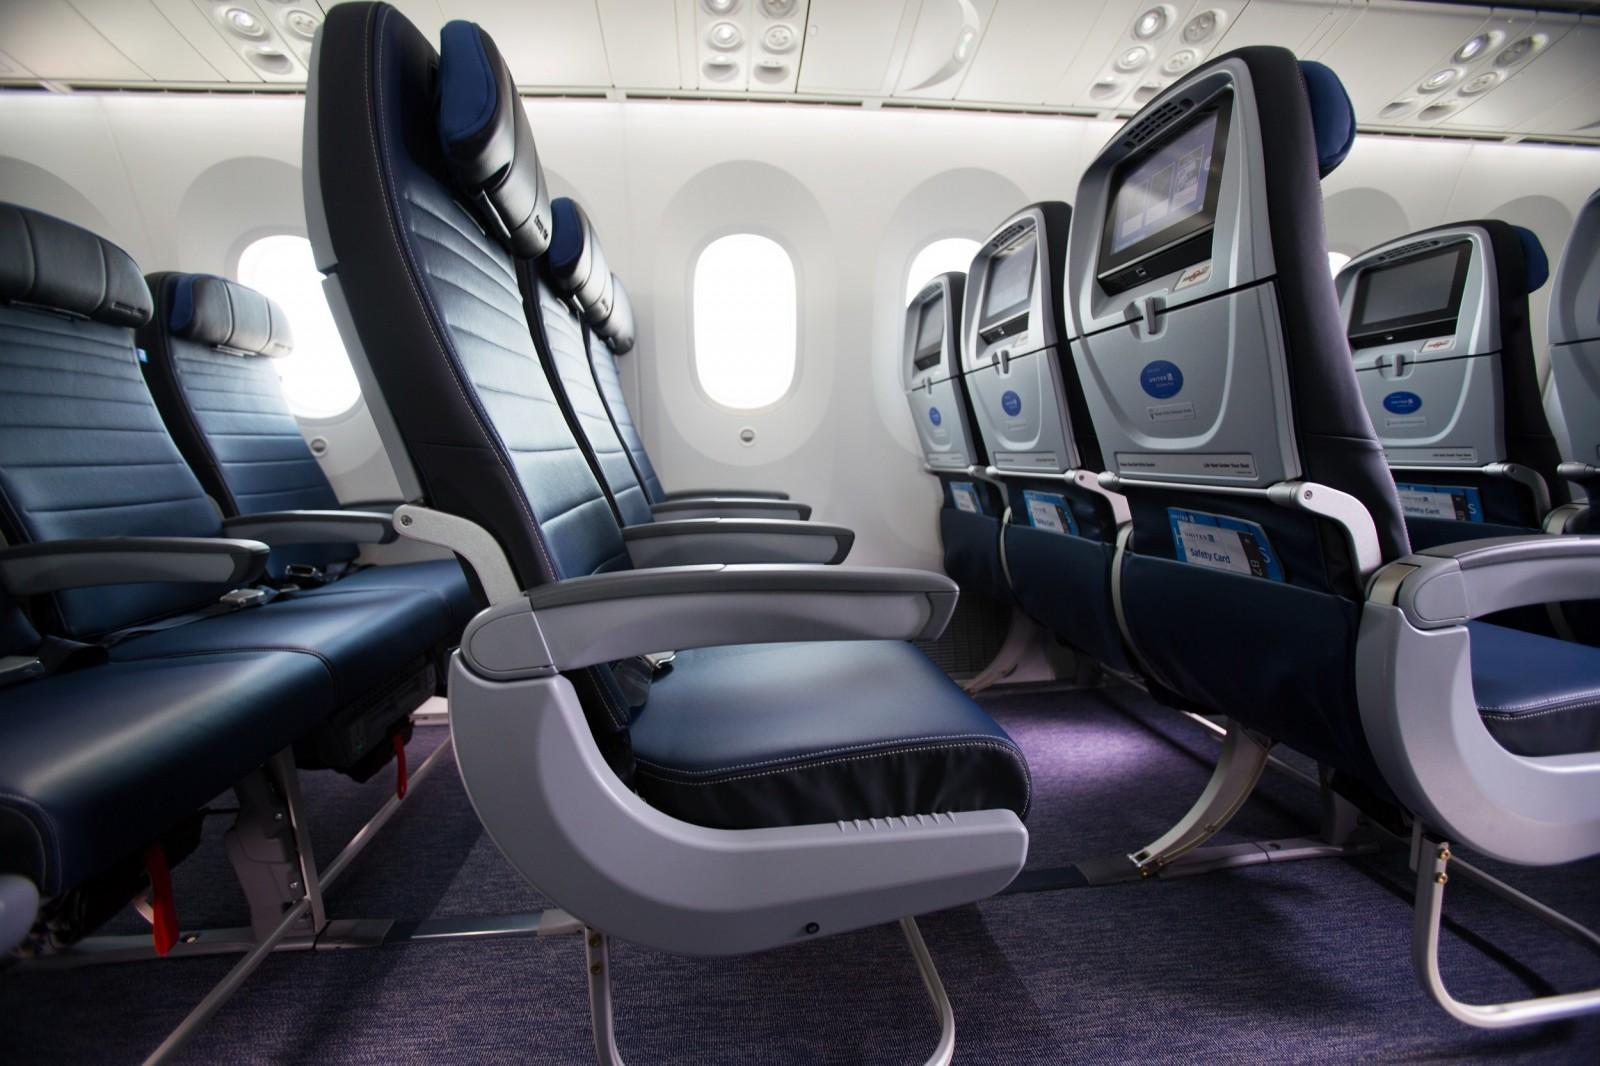 United Airlines Economy Plus